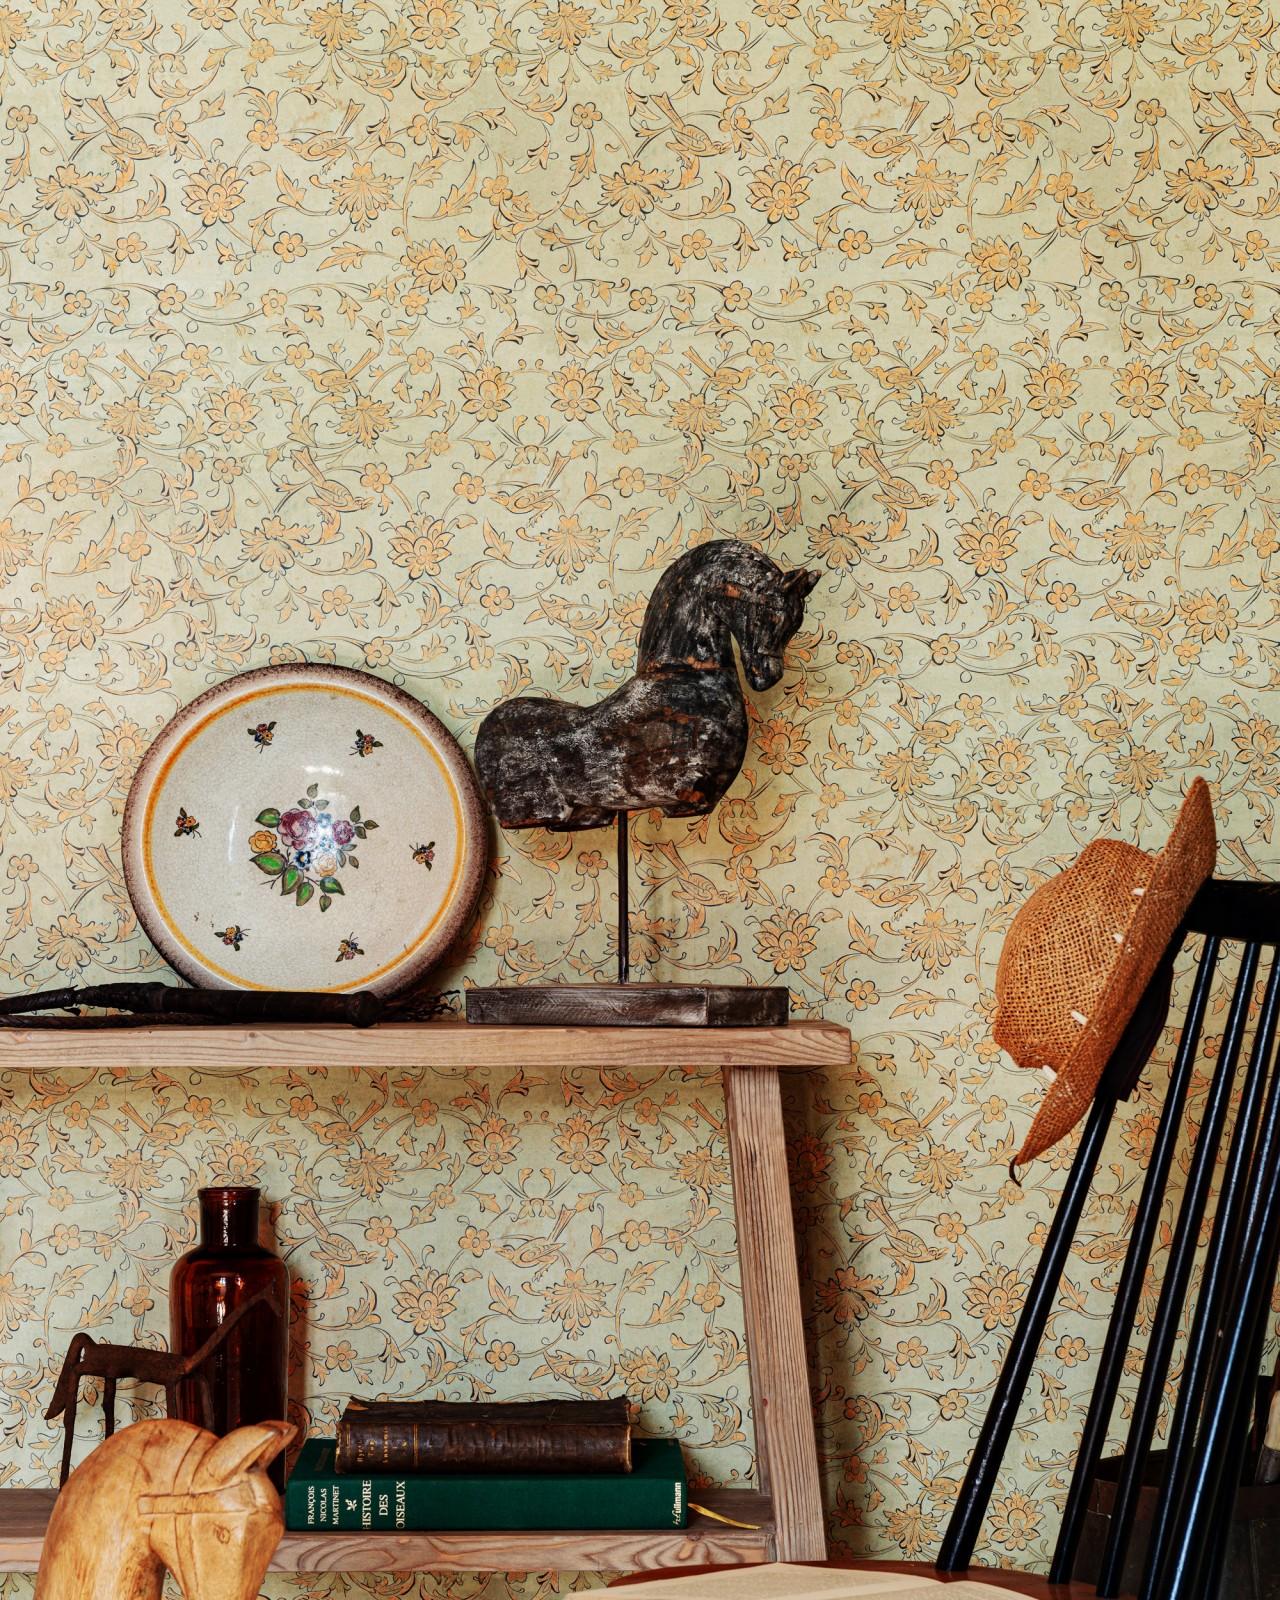 BACKYARD FLOWERING Seacrest Wallpaper